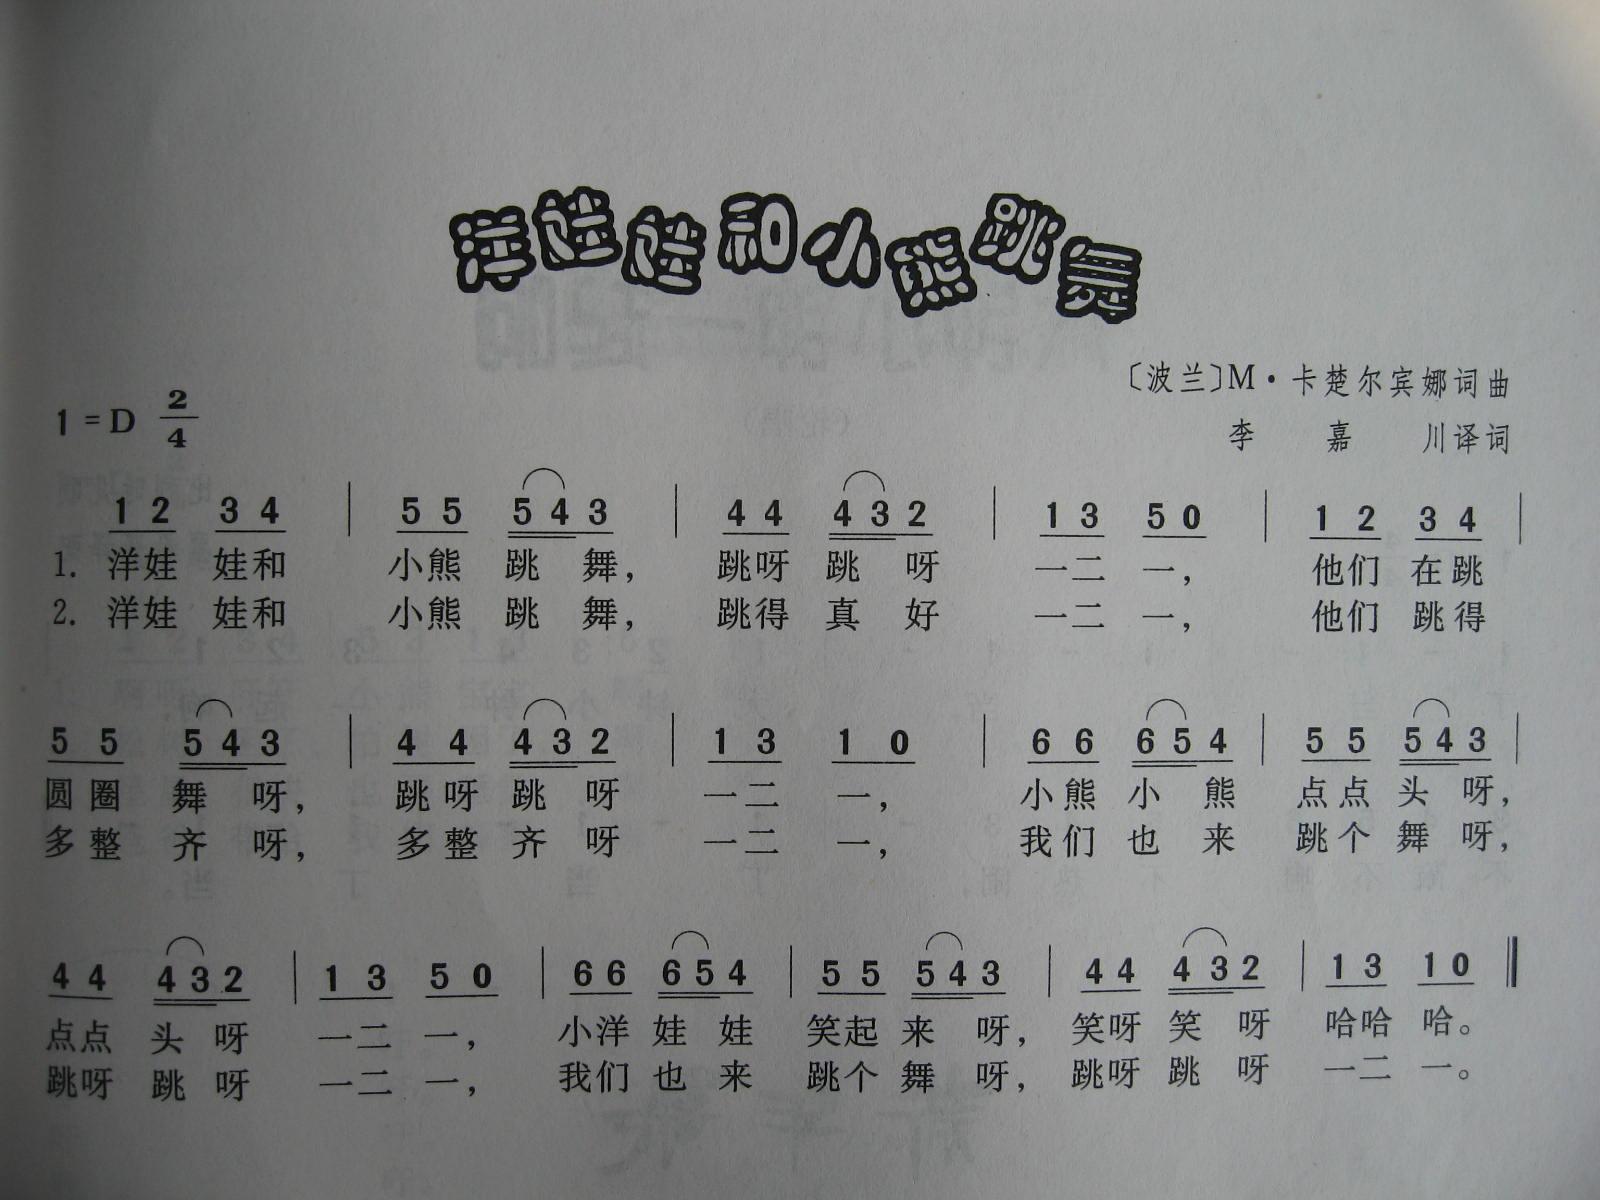 幼教钢琴谱